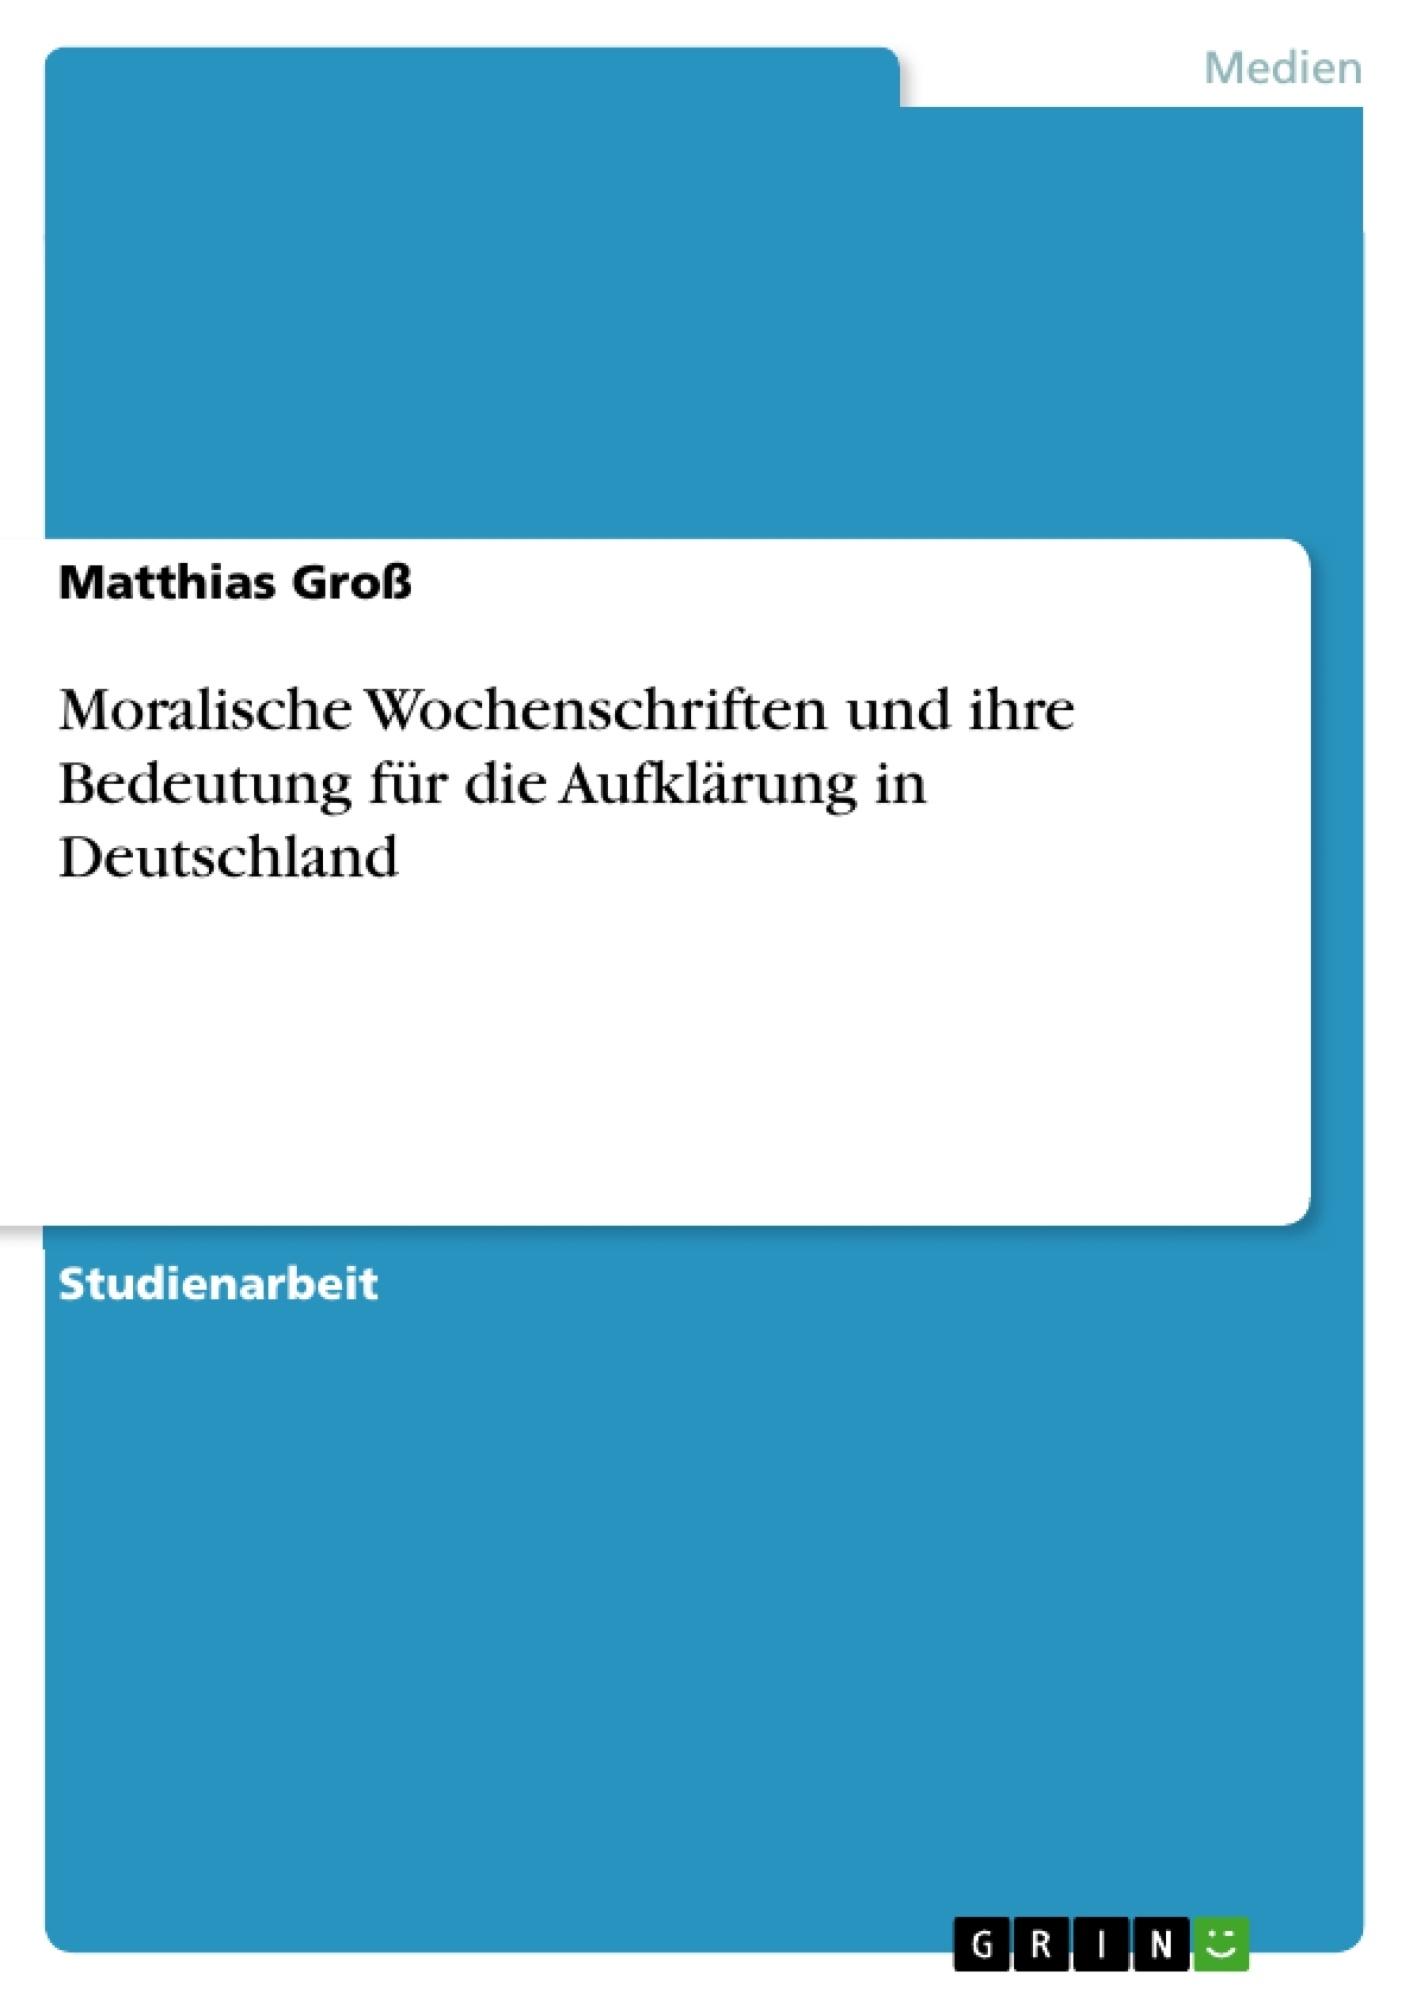 Titel: Moralische Wochenschriften und ihre Bedeutung für die Aufklärung in Deutschland